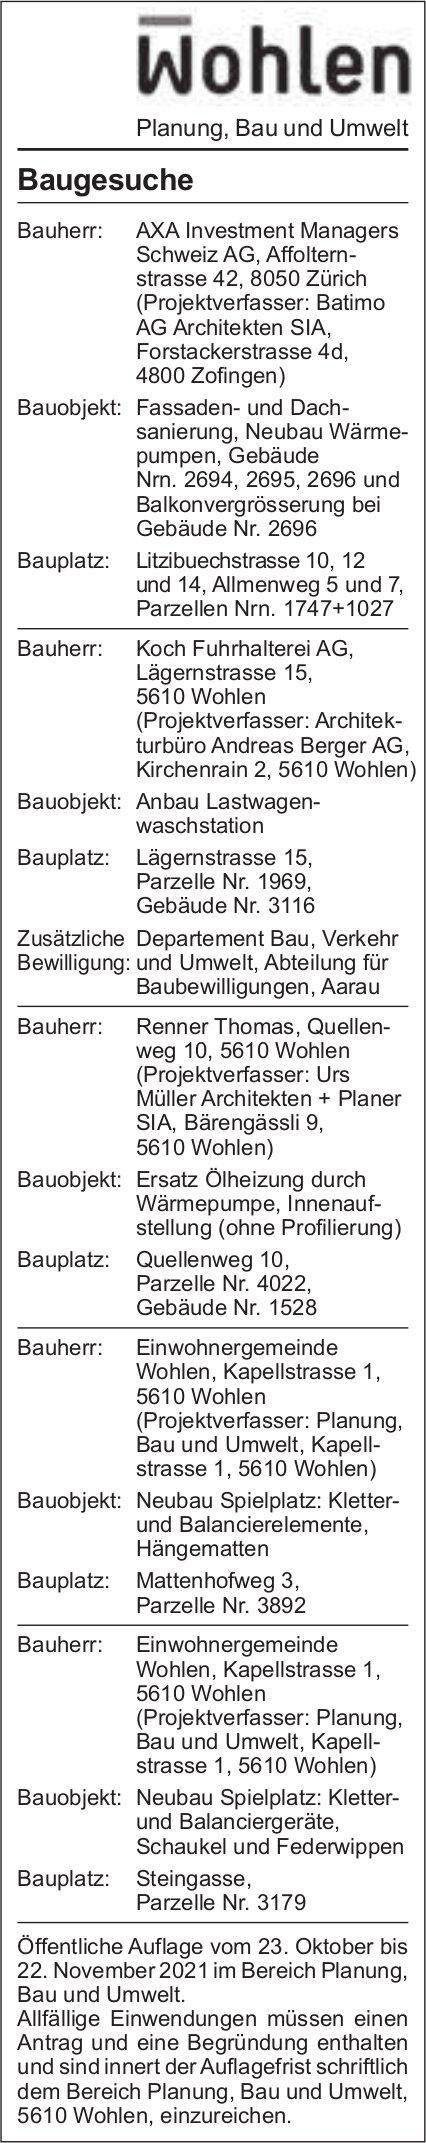 Baugesuche, Wohlen - AXA